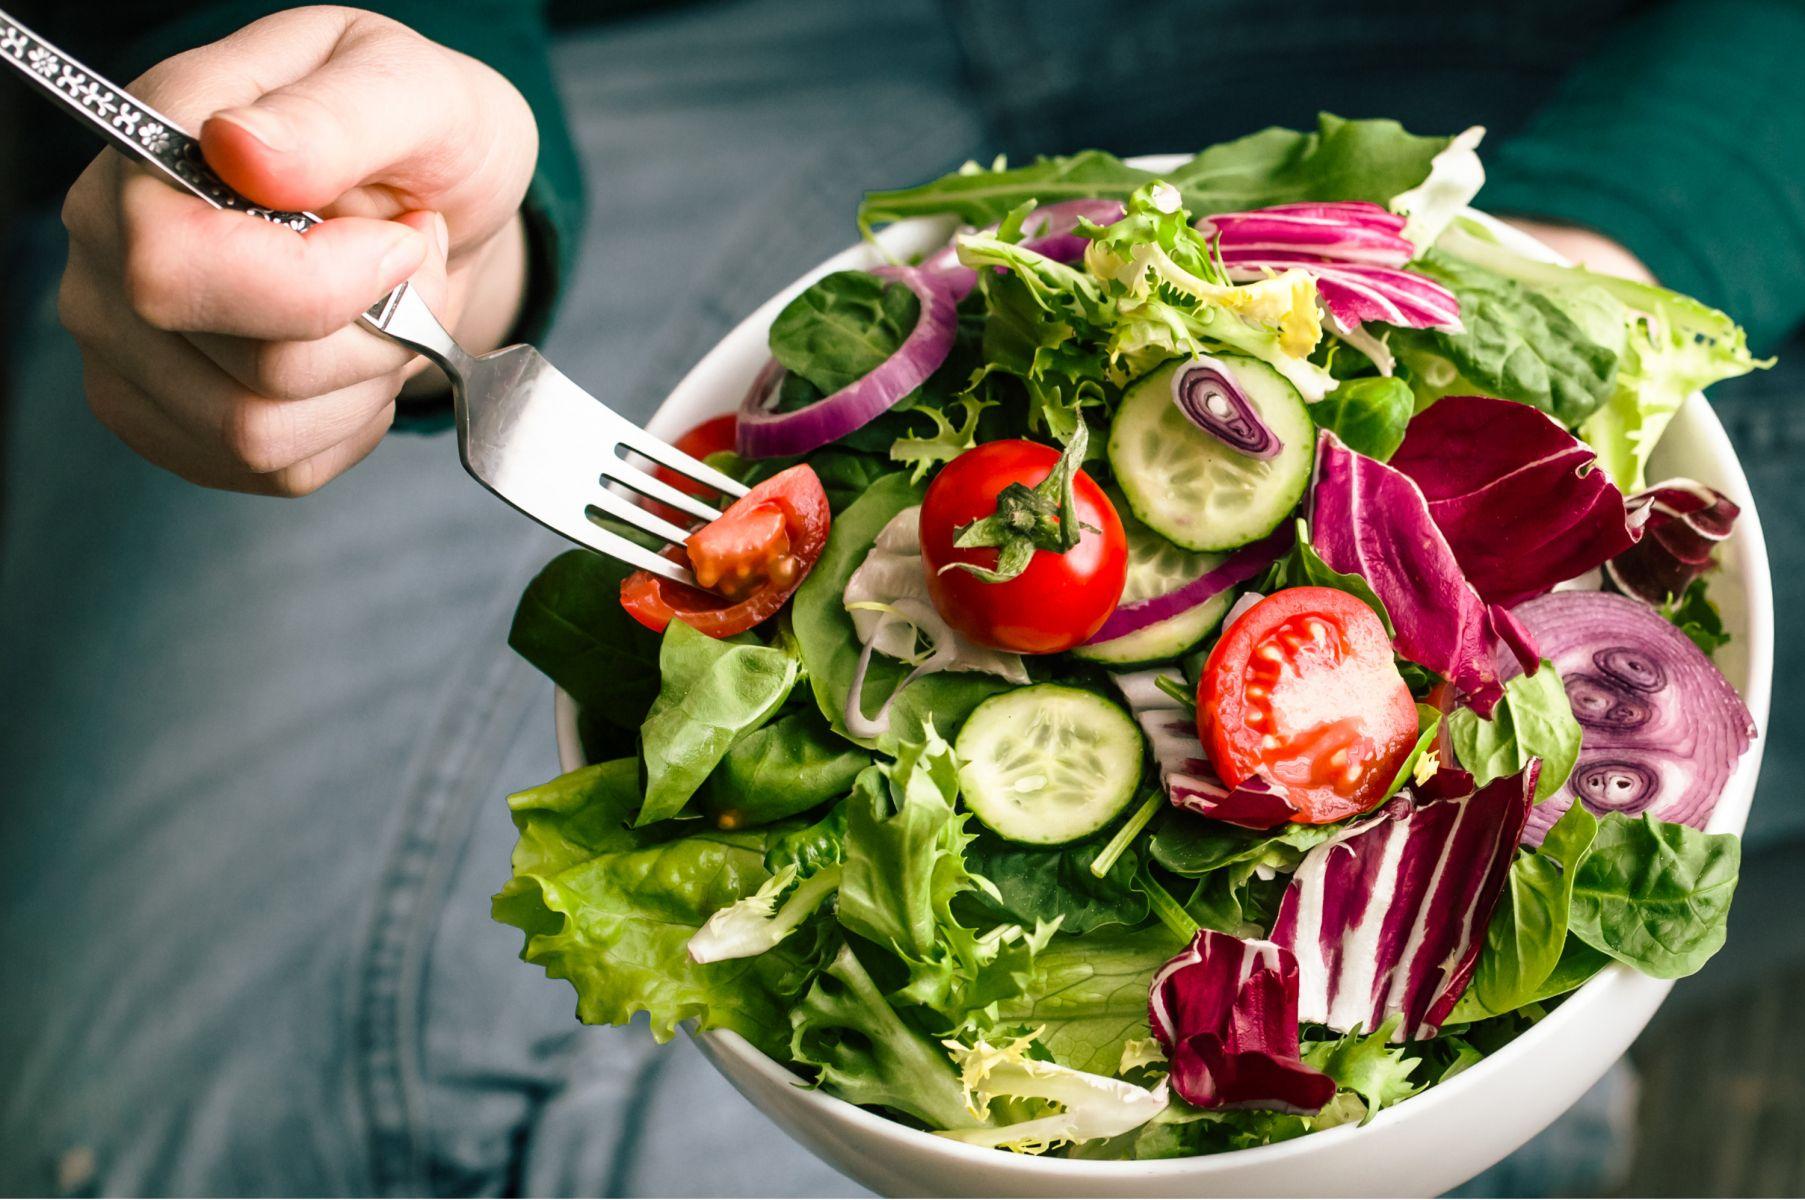 長期吃素者, 最容易缺乏維生素B12